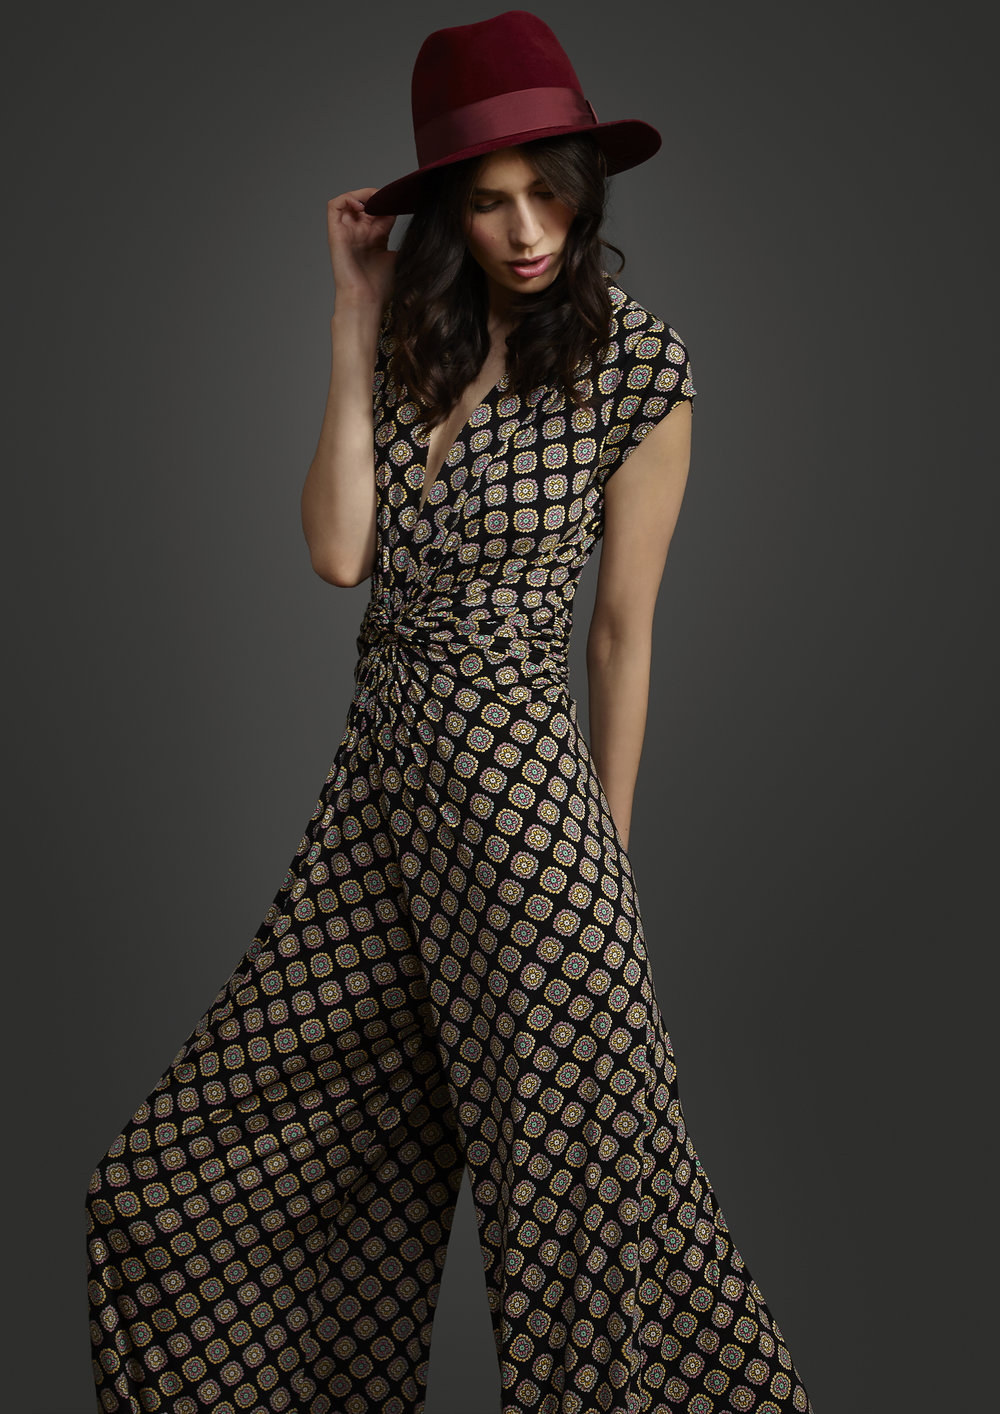 Fashion_18feb_027.jpg